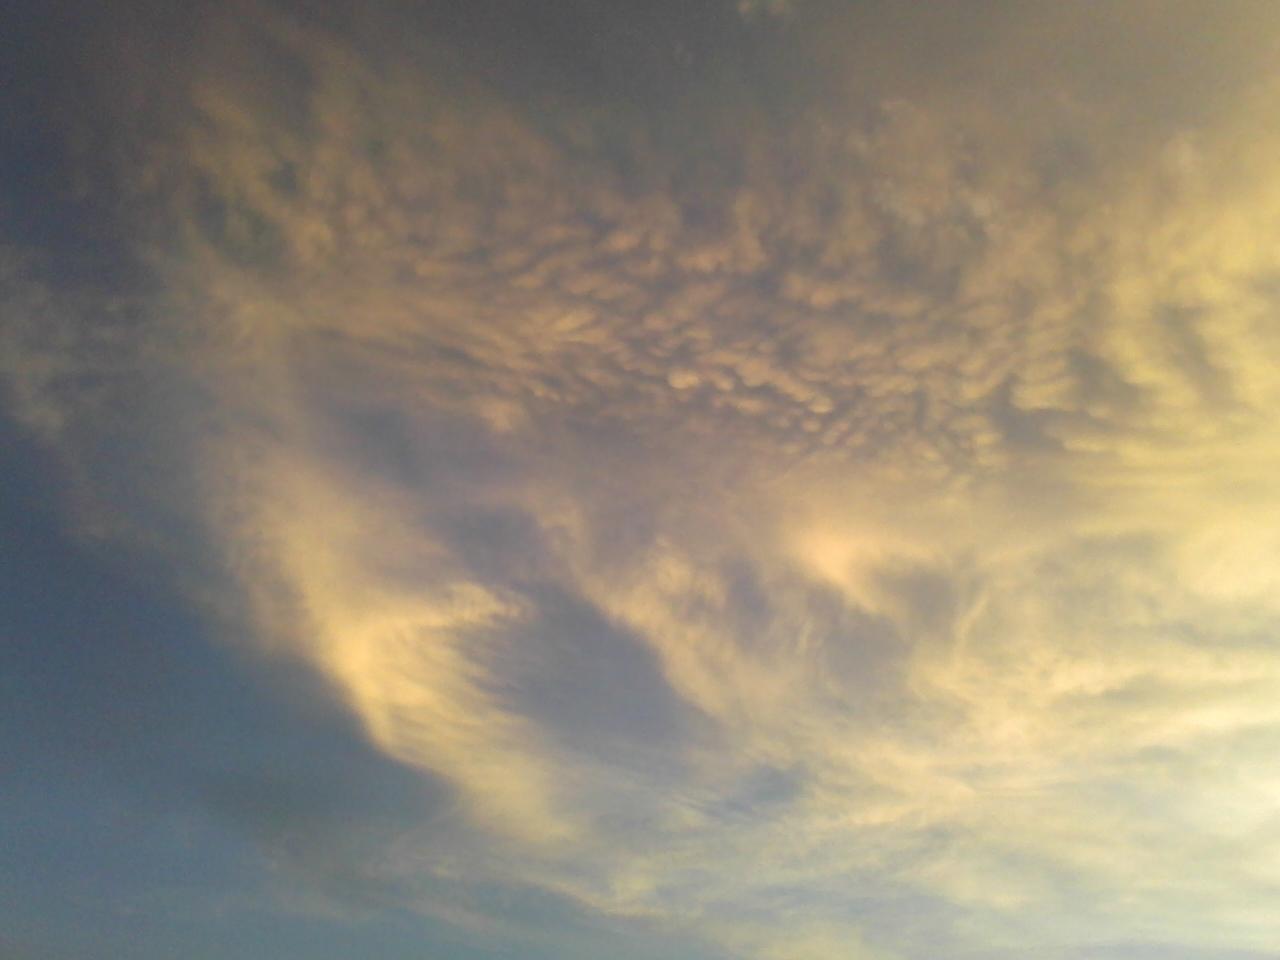 Sky - 0902194356.jpg